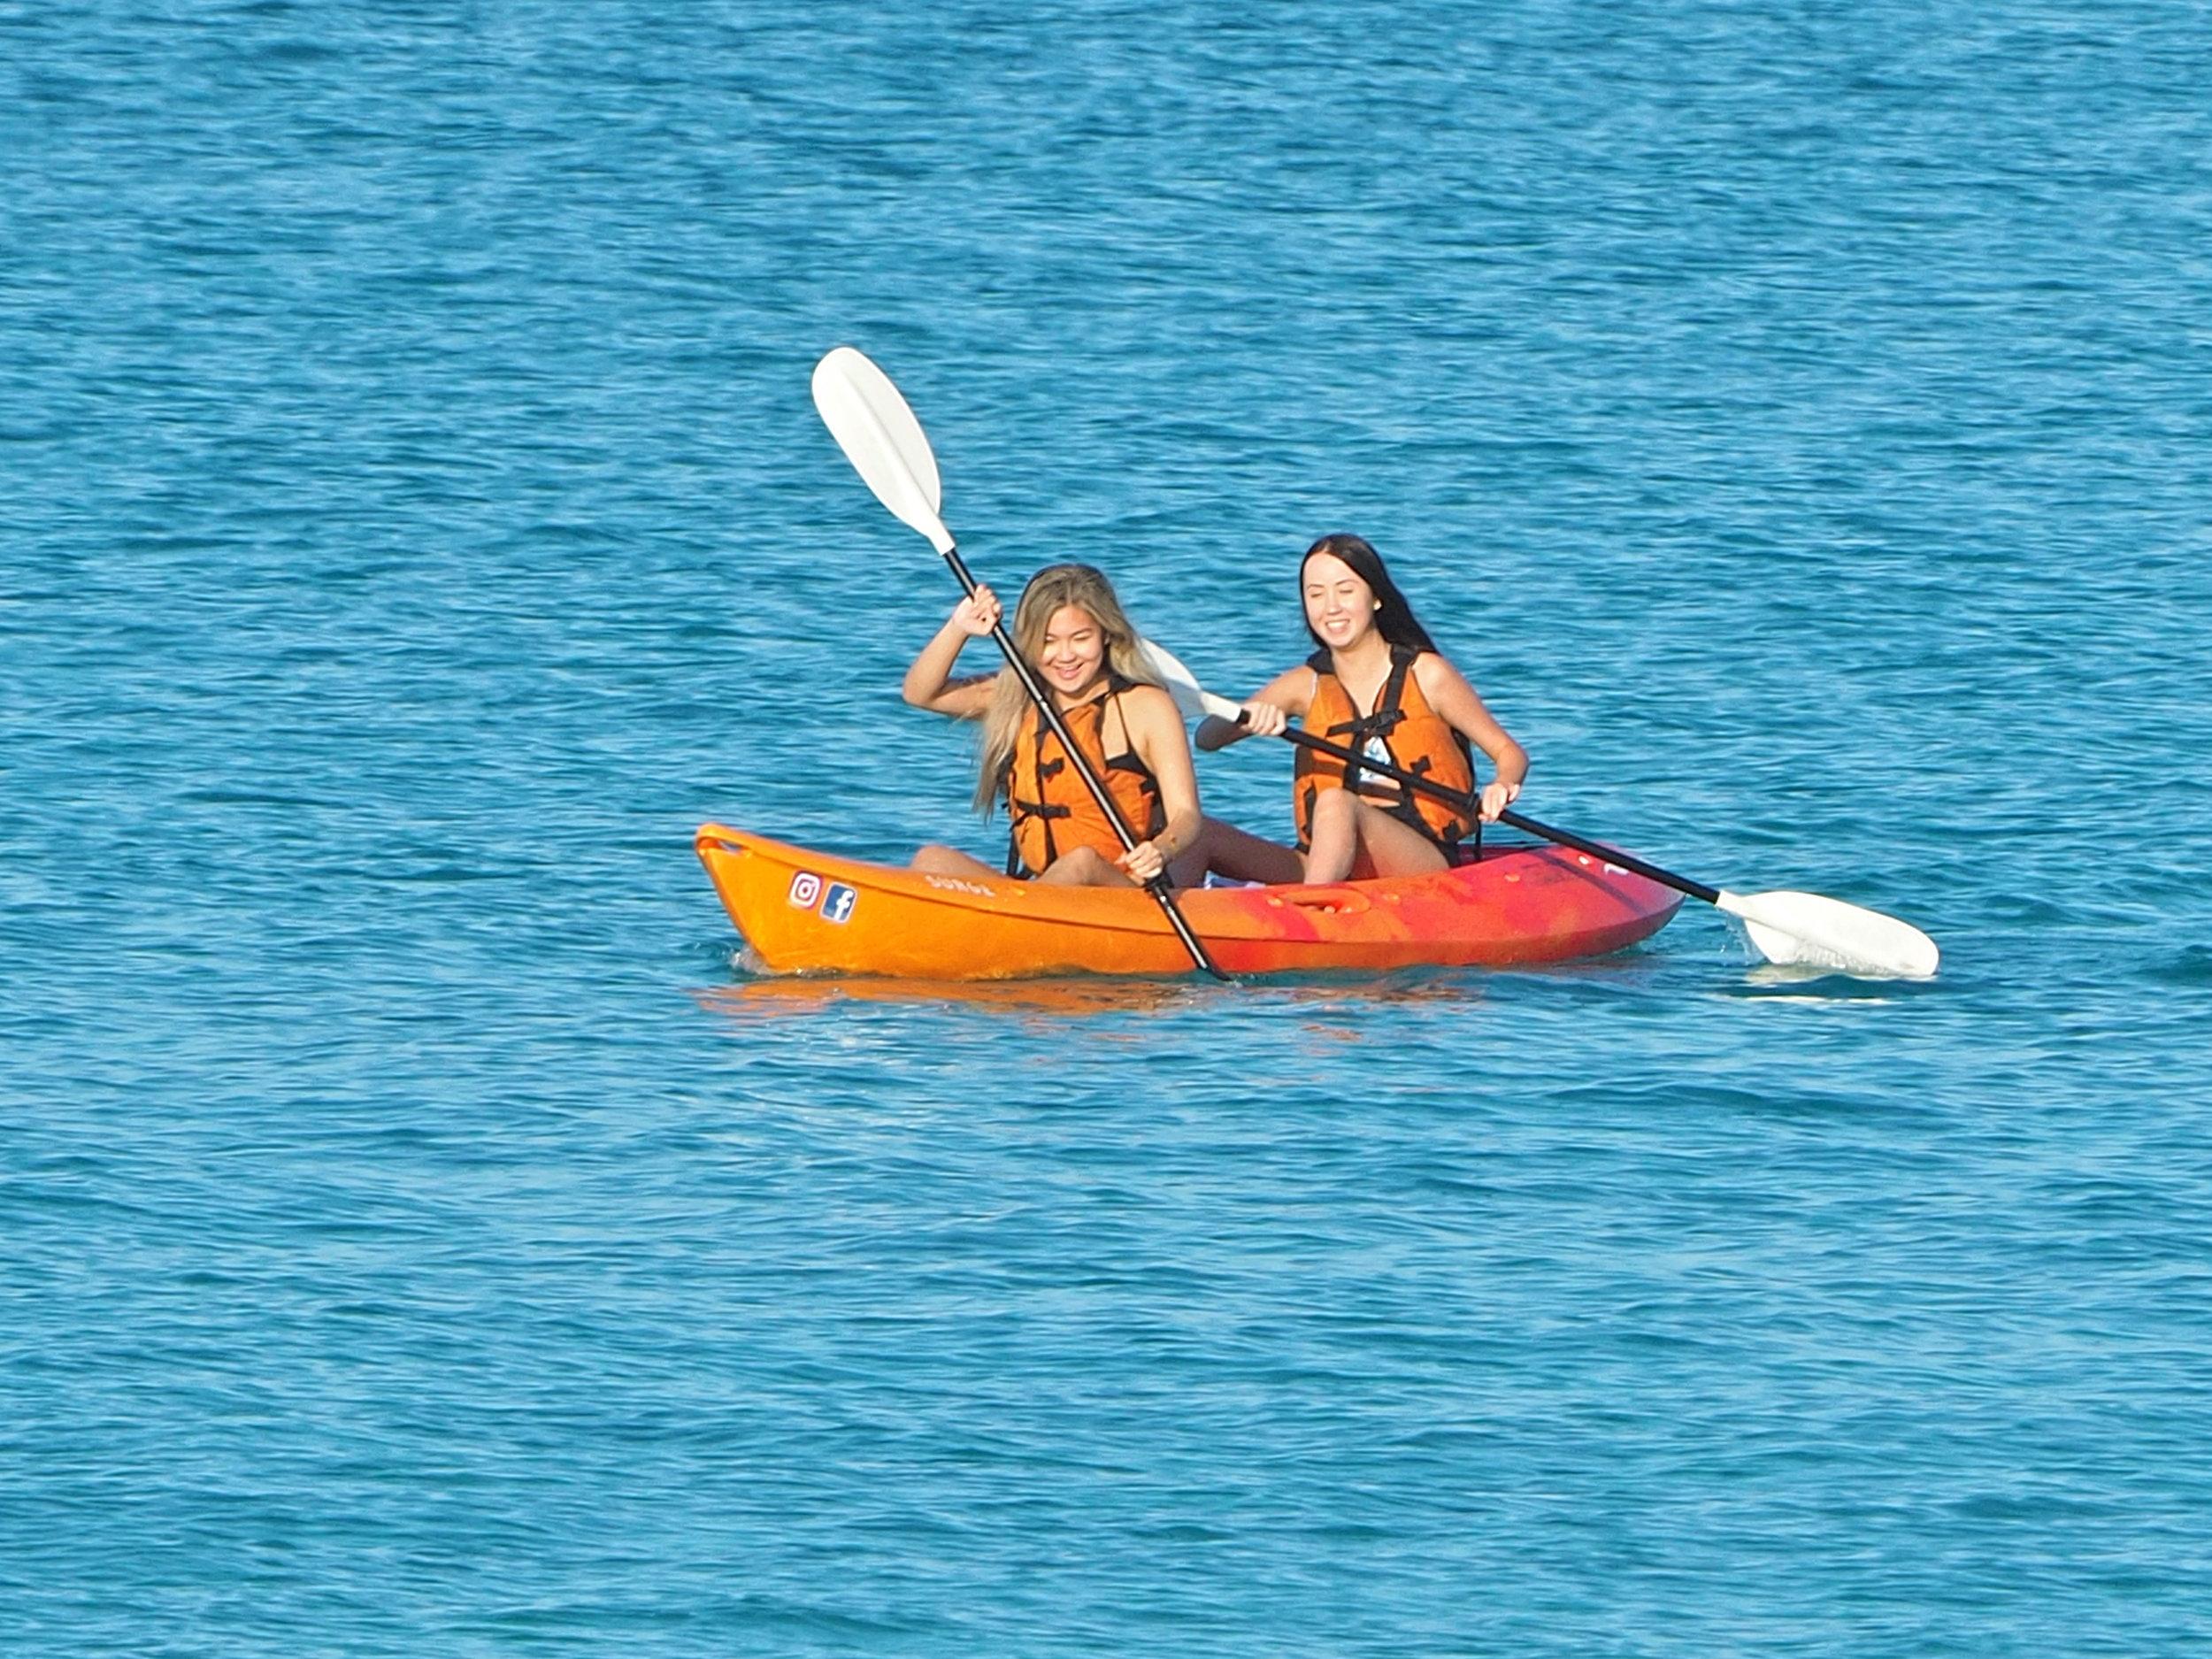 Double Kayak - Twice the fun